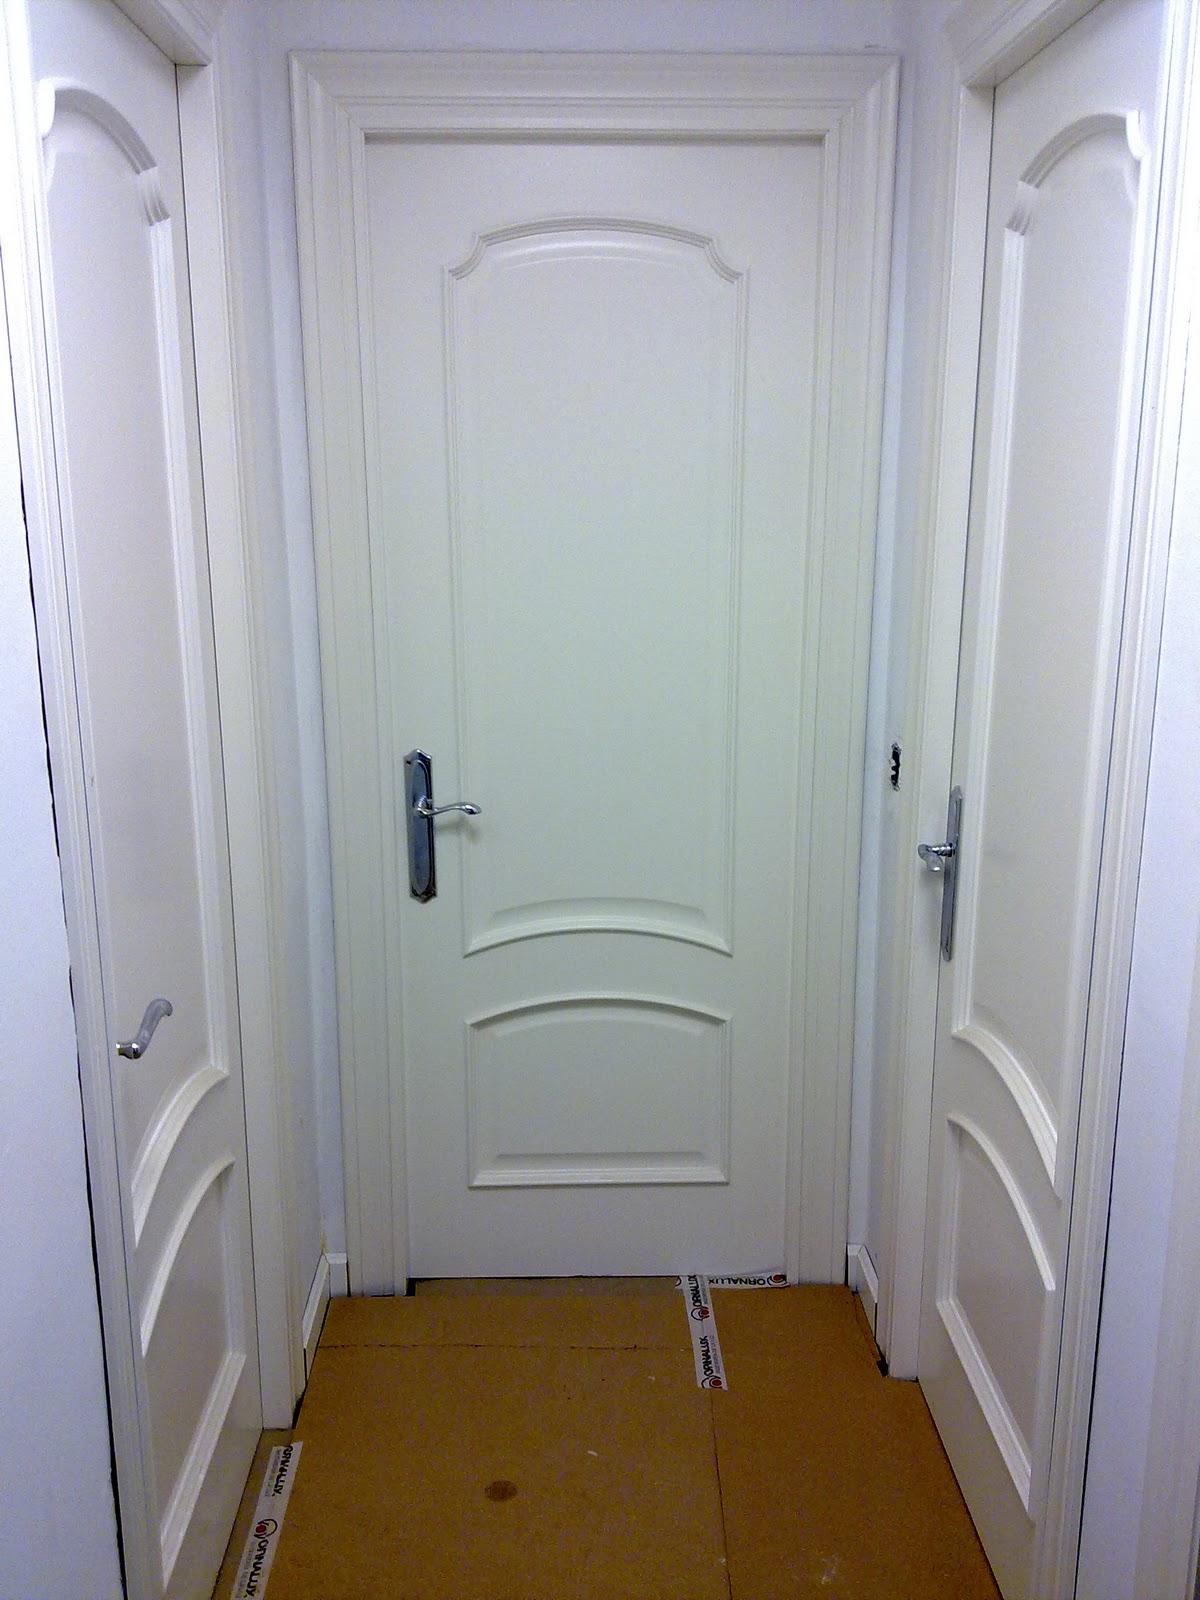 Carpintero fernando g calleja puertas - Puertas en blanco ...